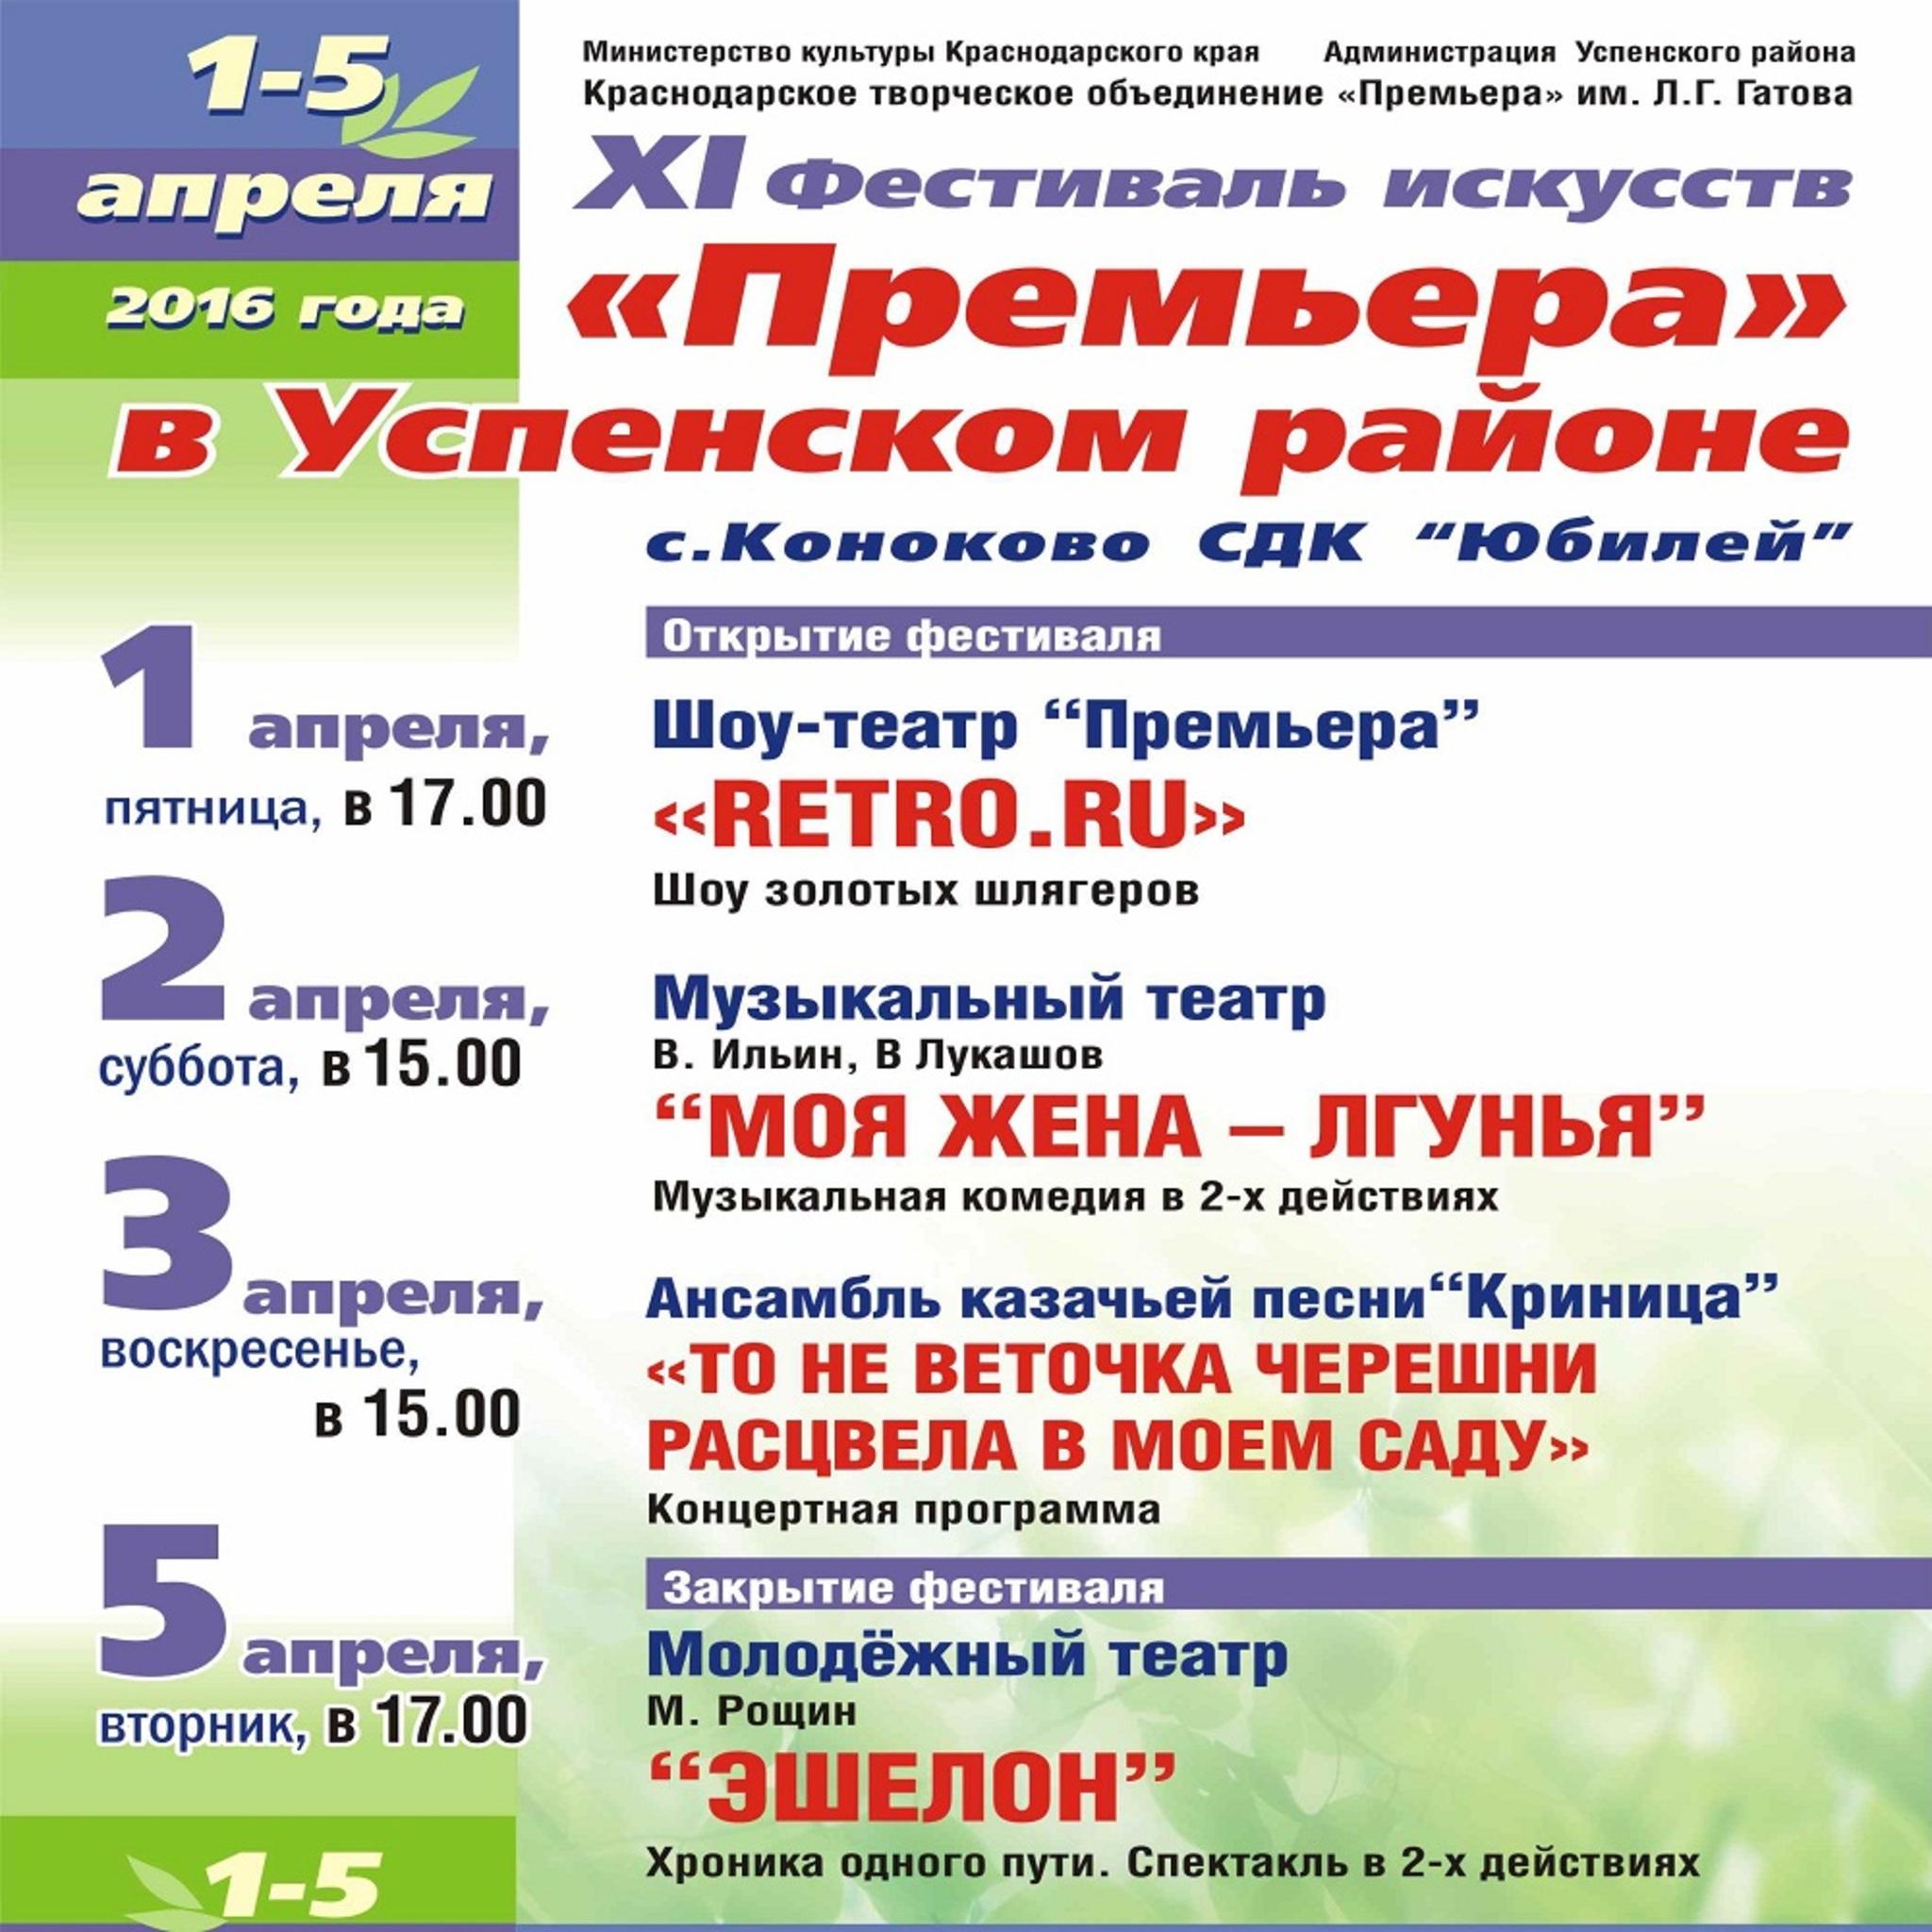 Фестиваль искусств «Премьера»